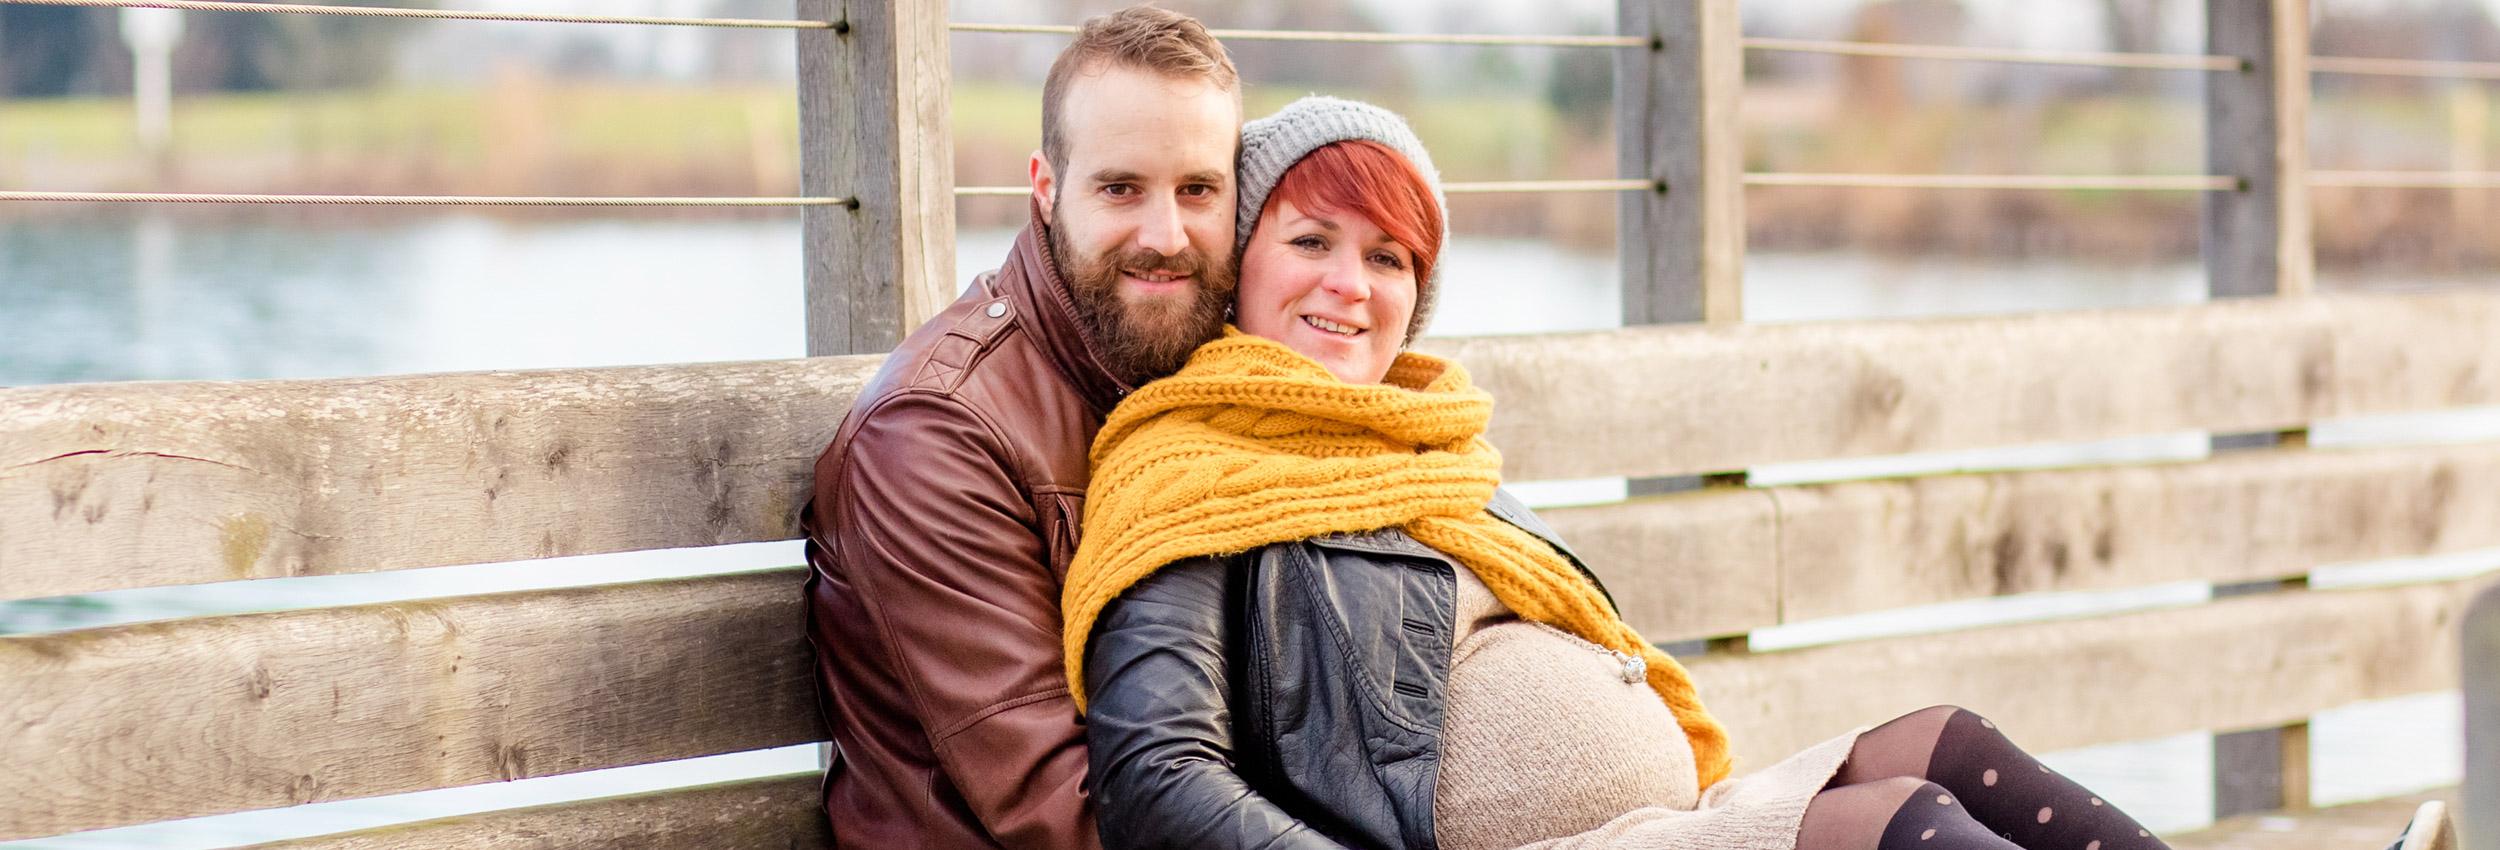 photographe de mariage julie rivière photographie toulouse